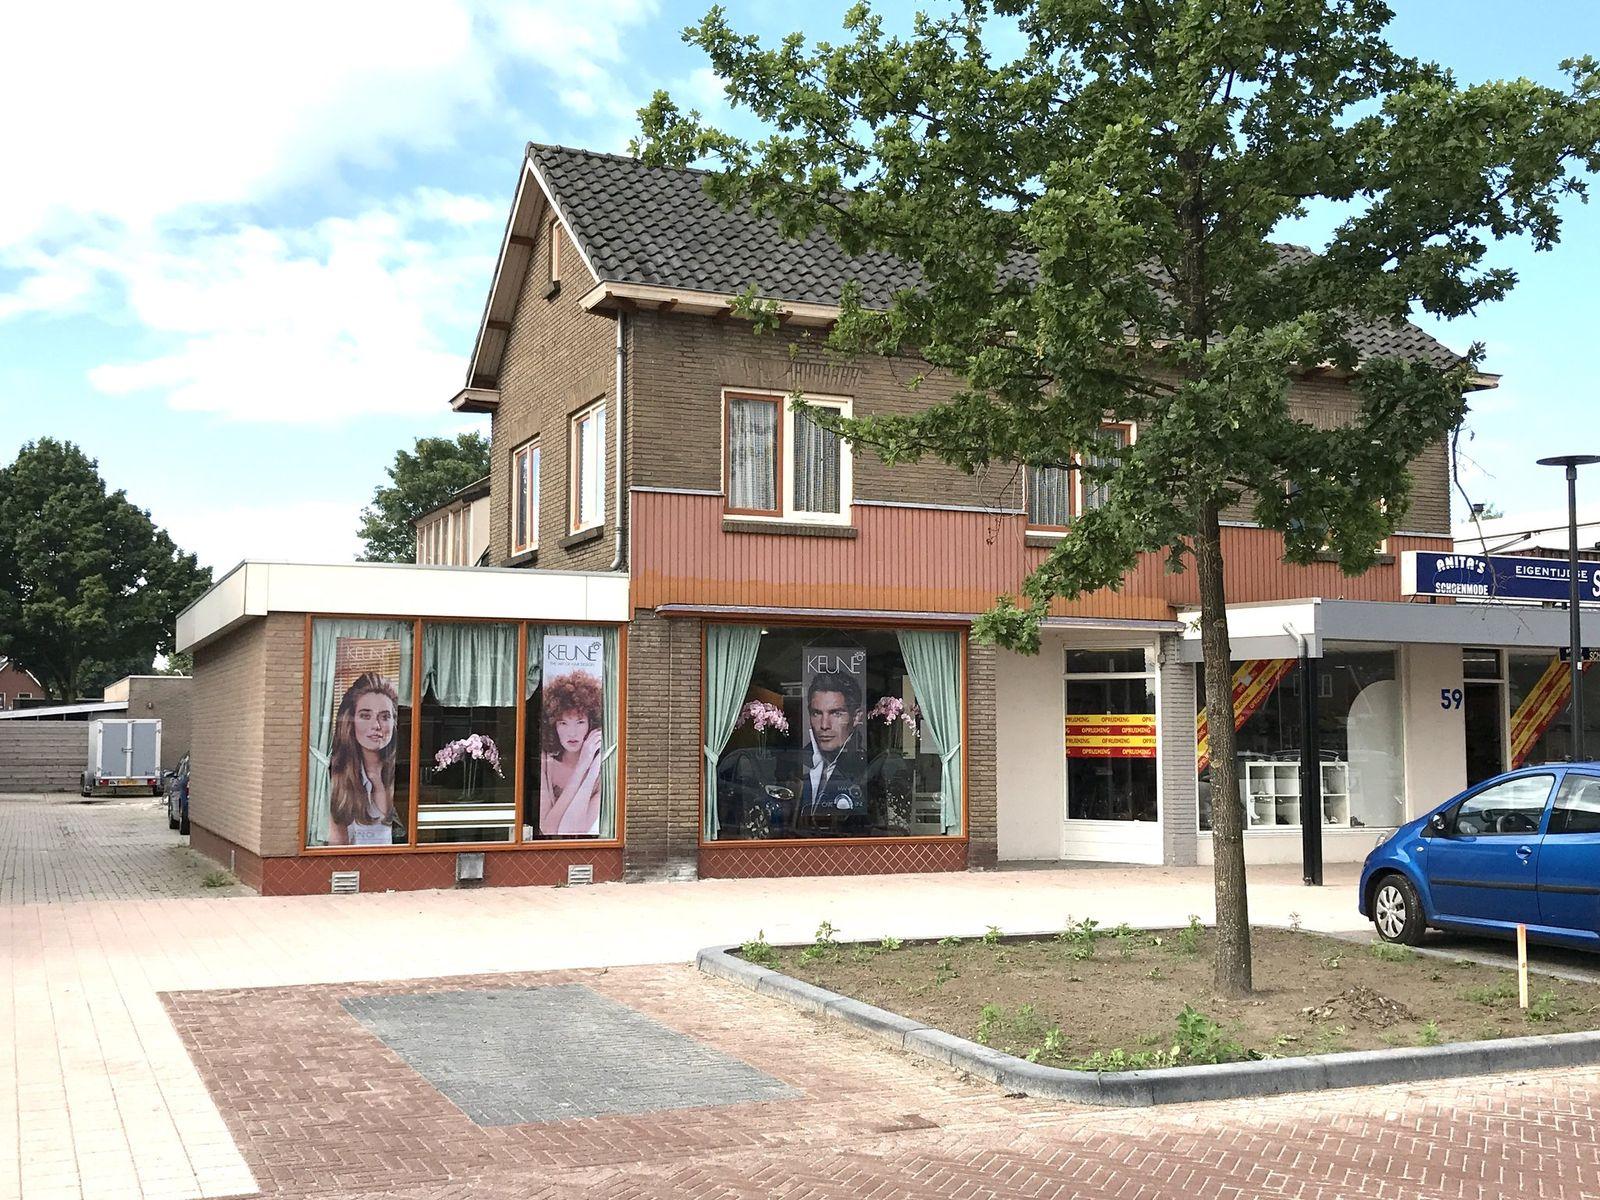 Vaart ZZ 60, Nieuw-amsterdam